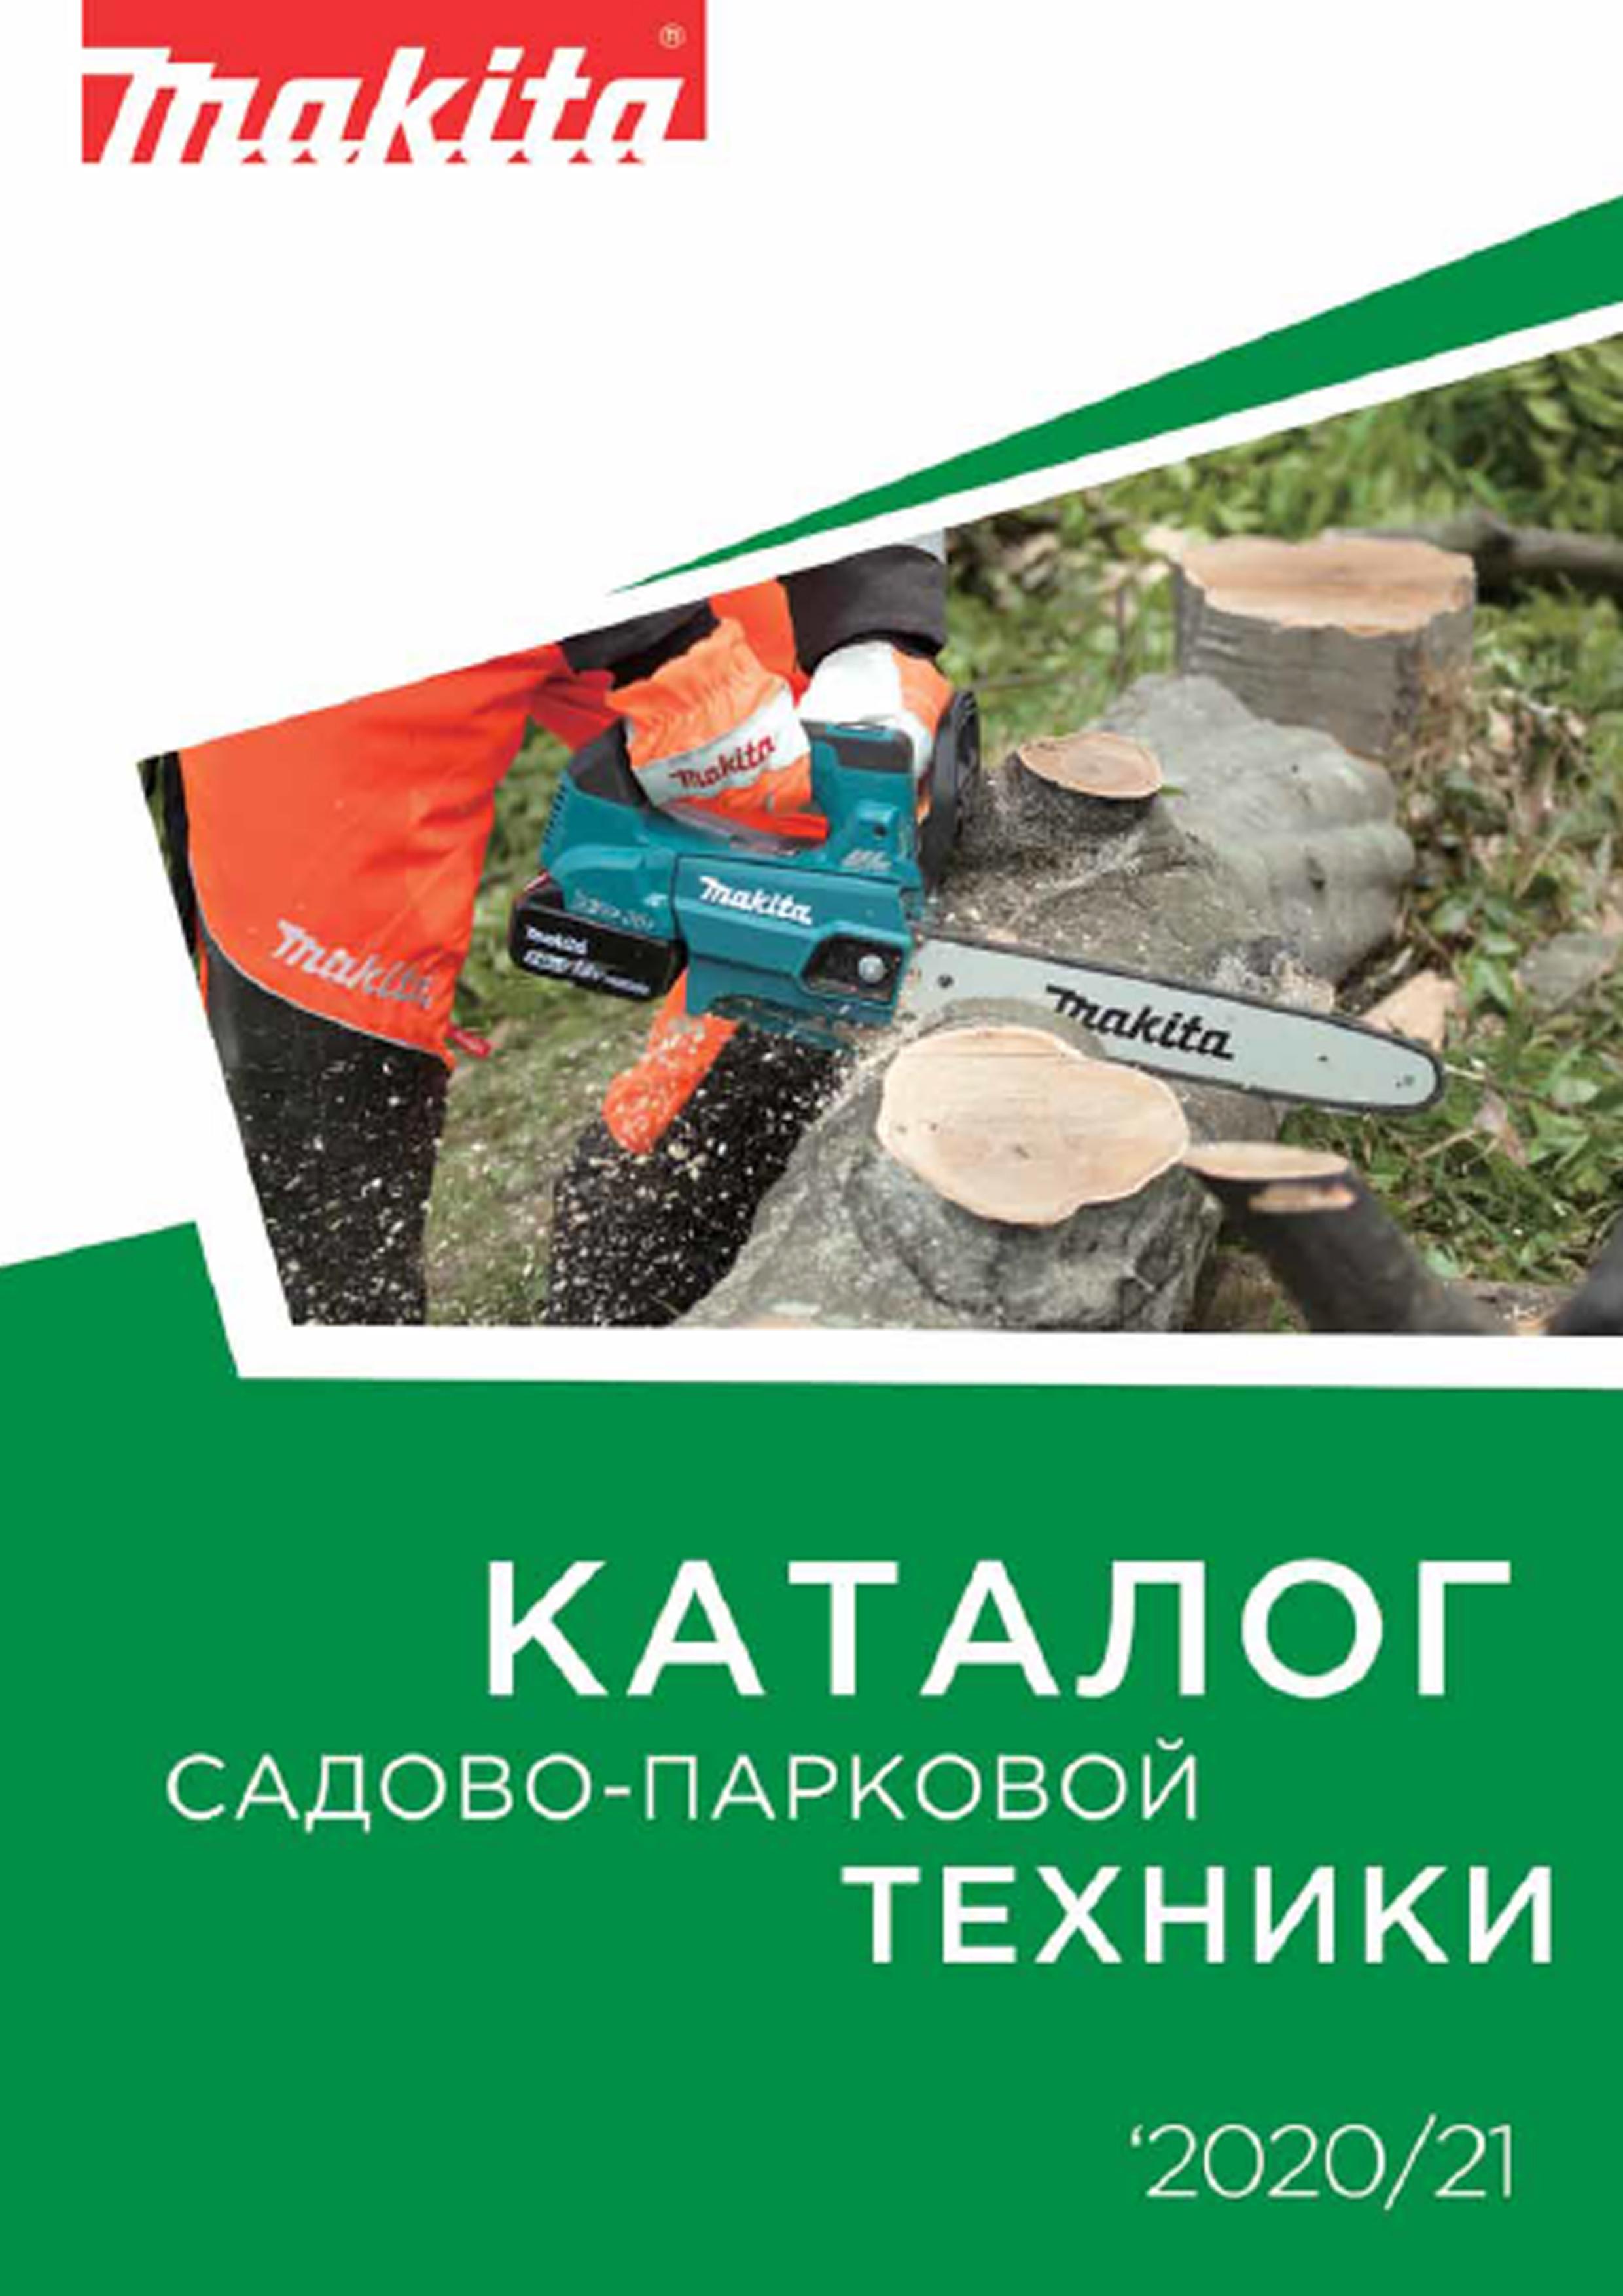 Каталог садово-парковой техники MAKITA 2020-2021